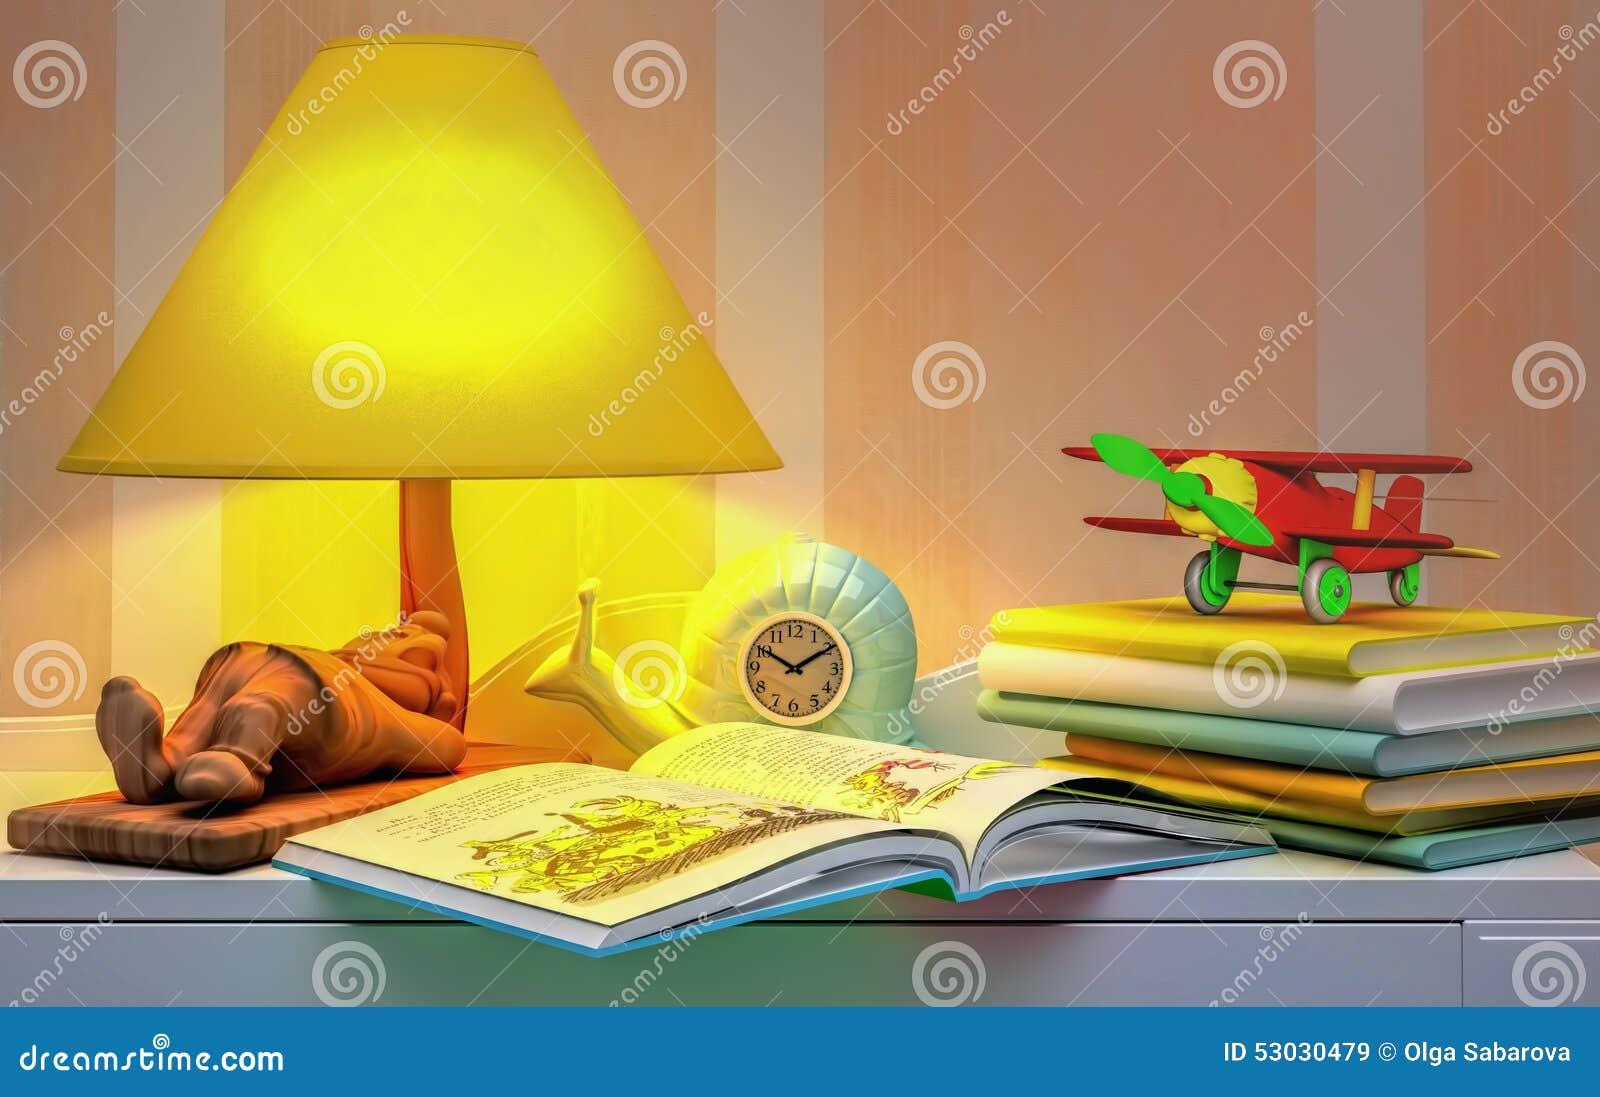 Cuento De Hadas Para La Noche Stock De Ilustraci N Imagen 53030479 # Muebles Cuento De Hadas